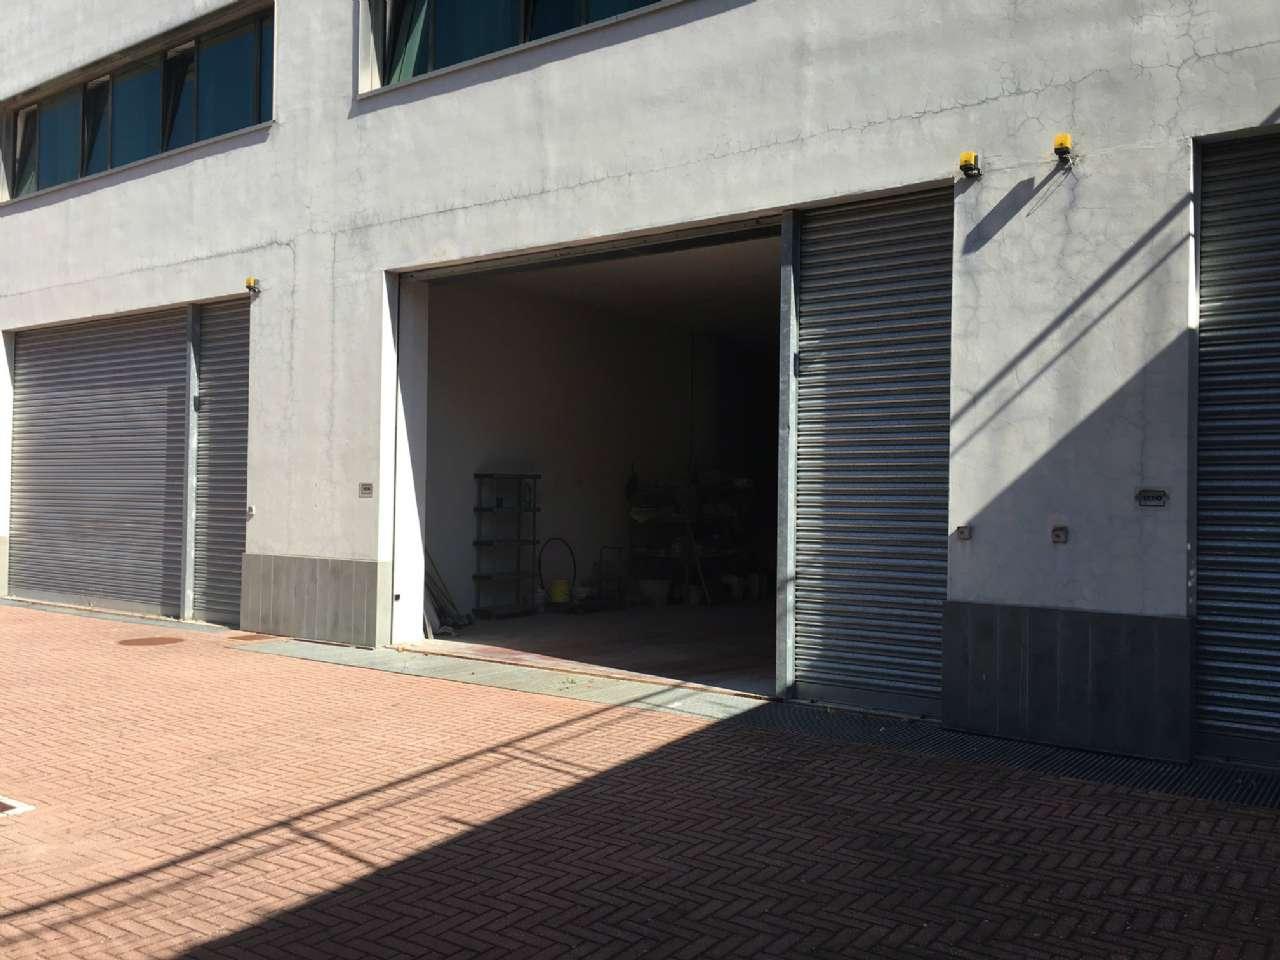 Negozio / Locale in affitto a Campobasso, 9999 locali, Trattative riservate | CambioCasa.it